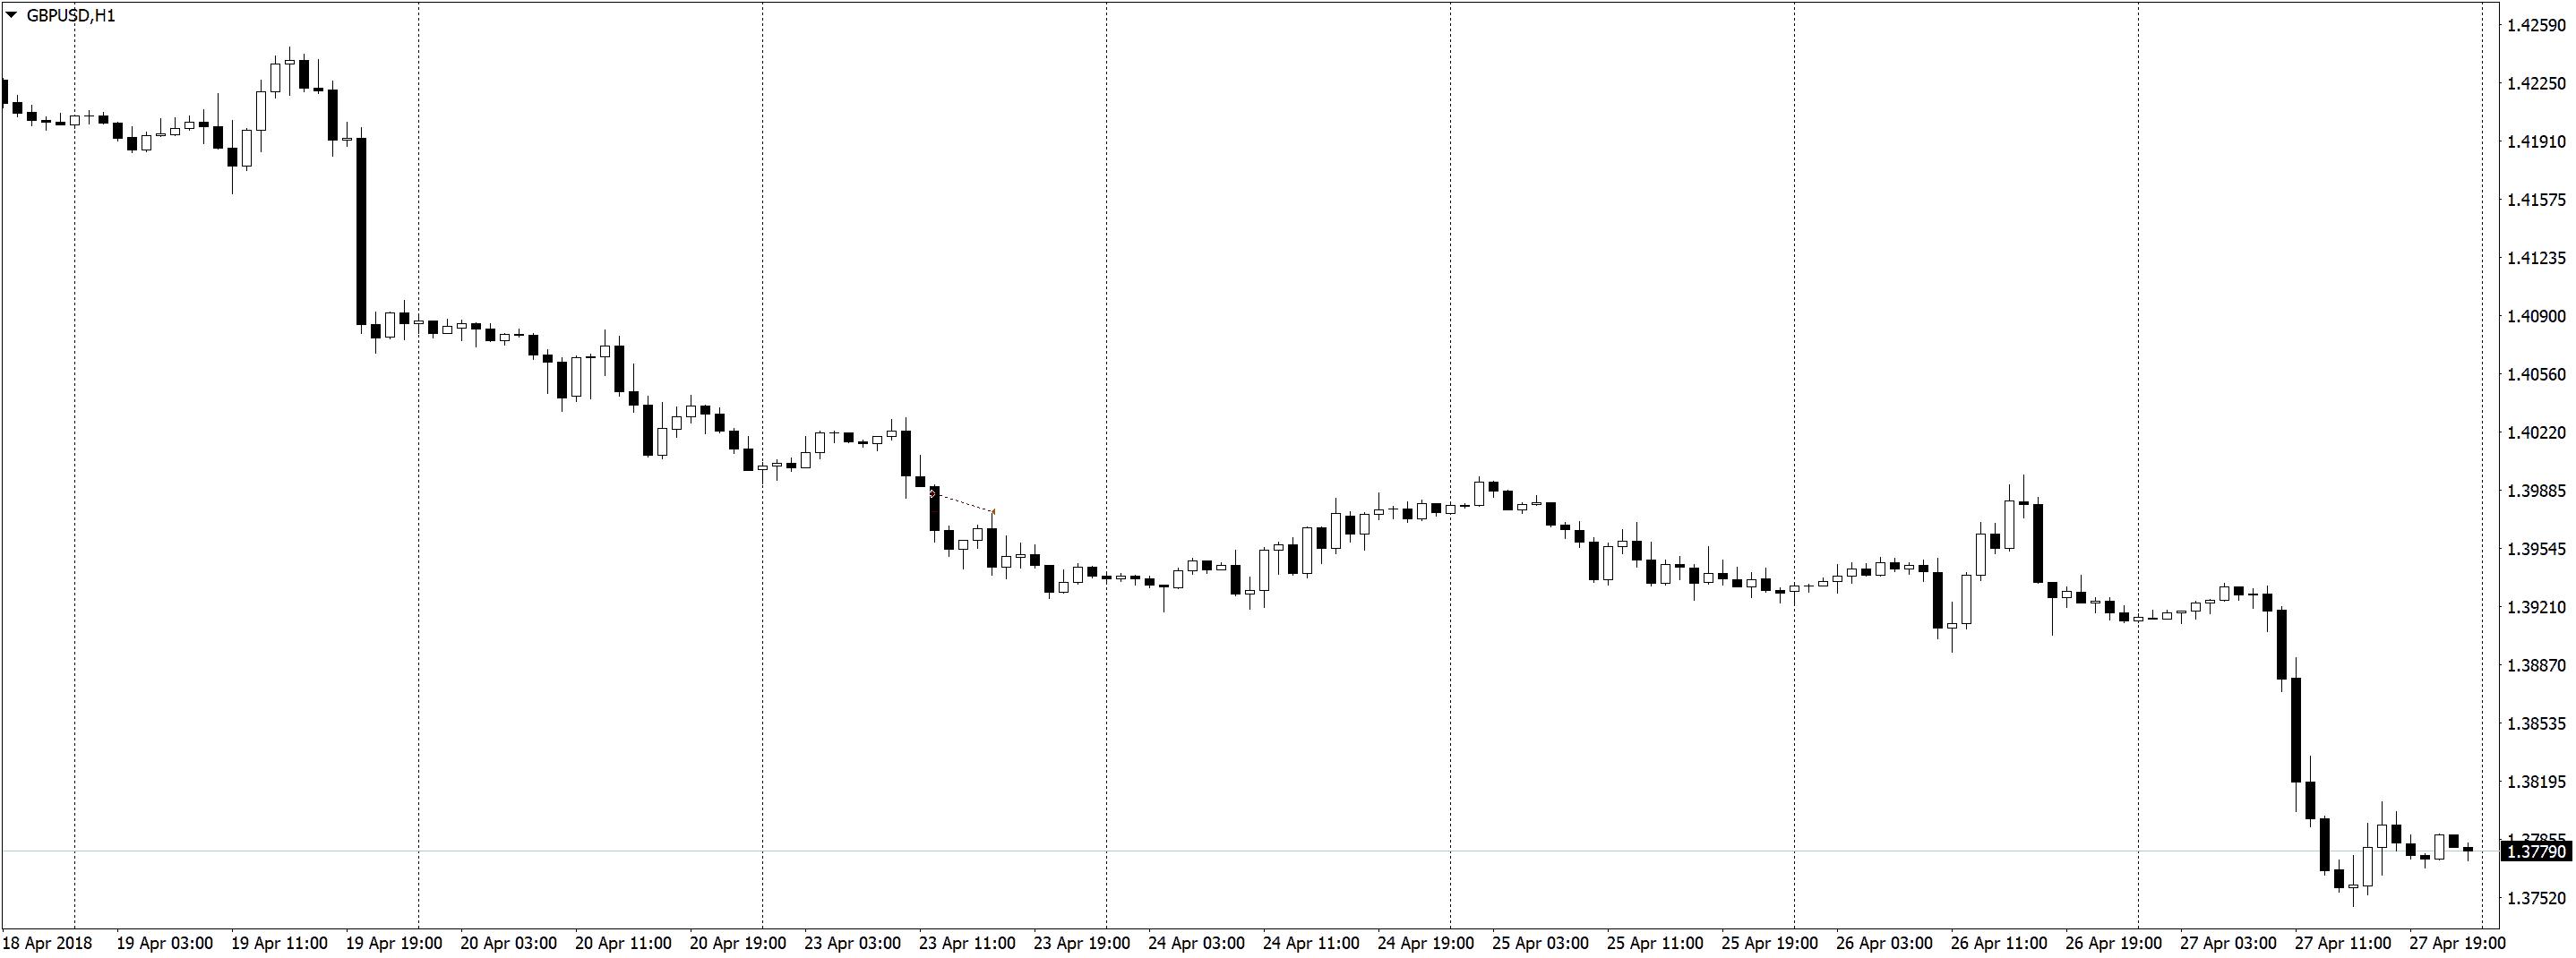 GBPUSDH1 2 Трейдинг по часовым графикам, немного сделок, спокойная торговля